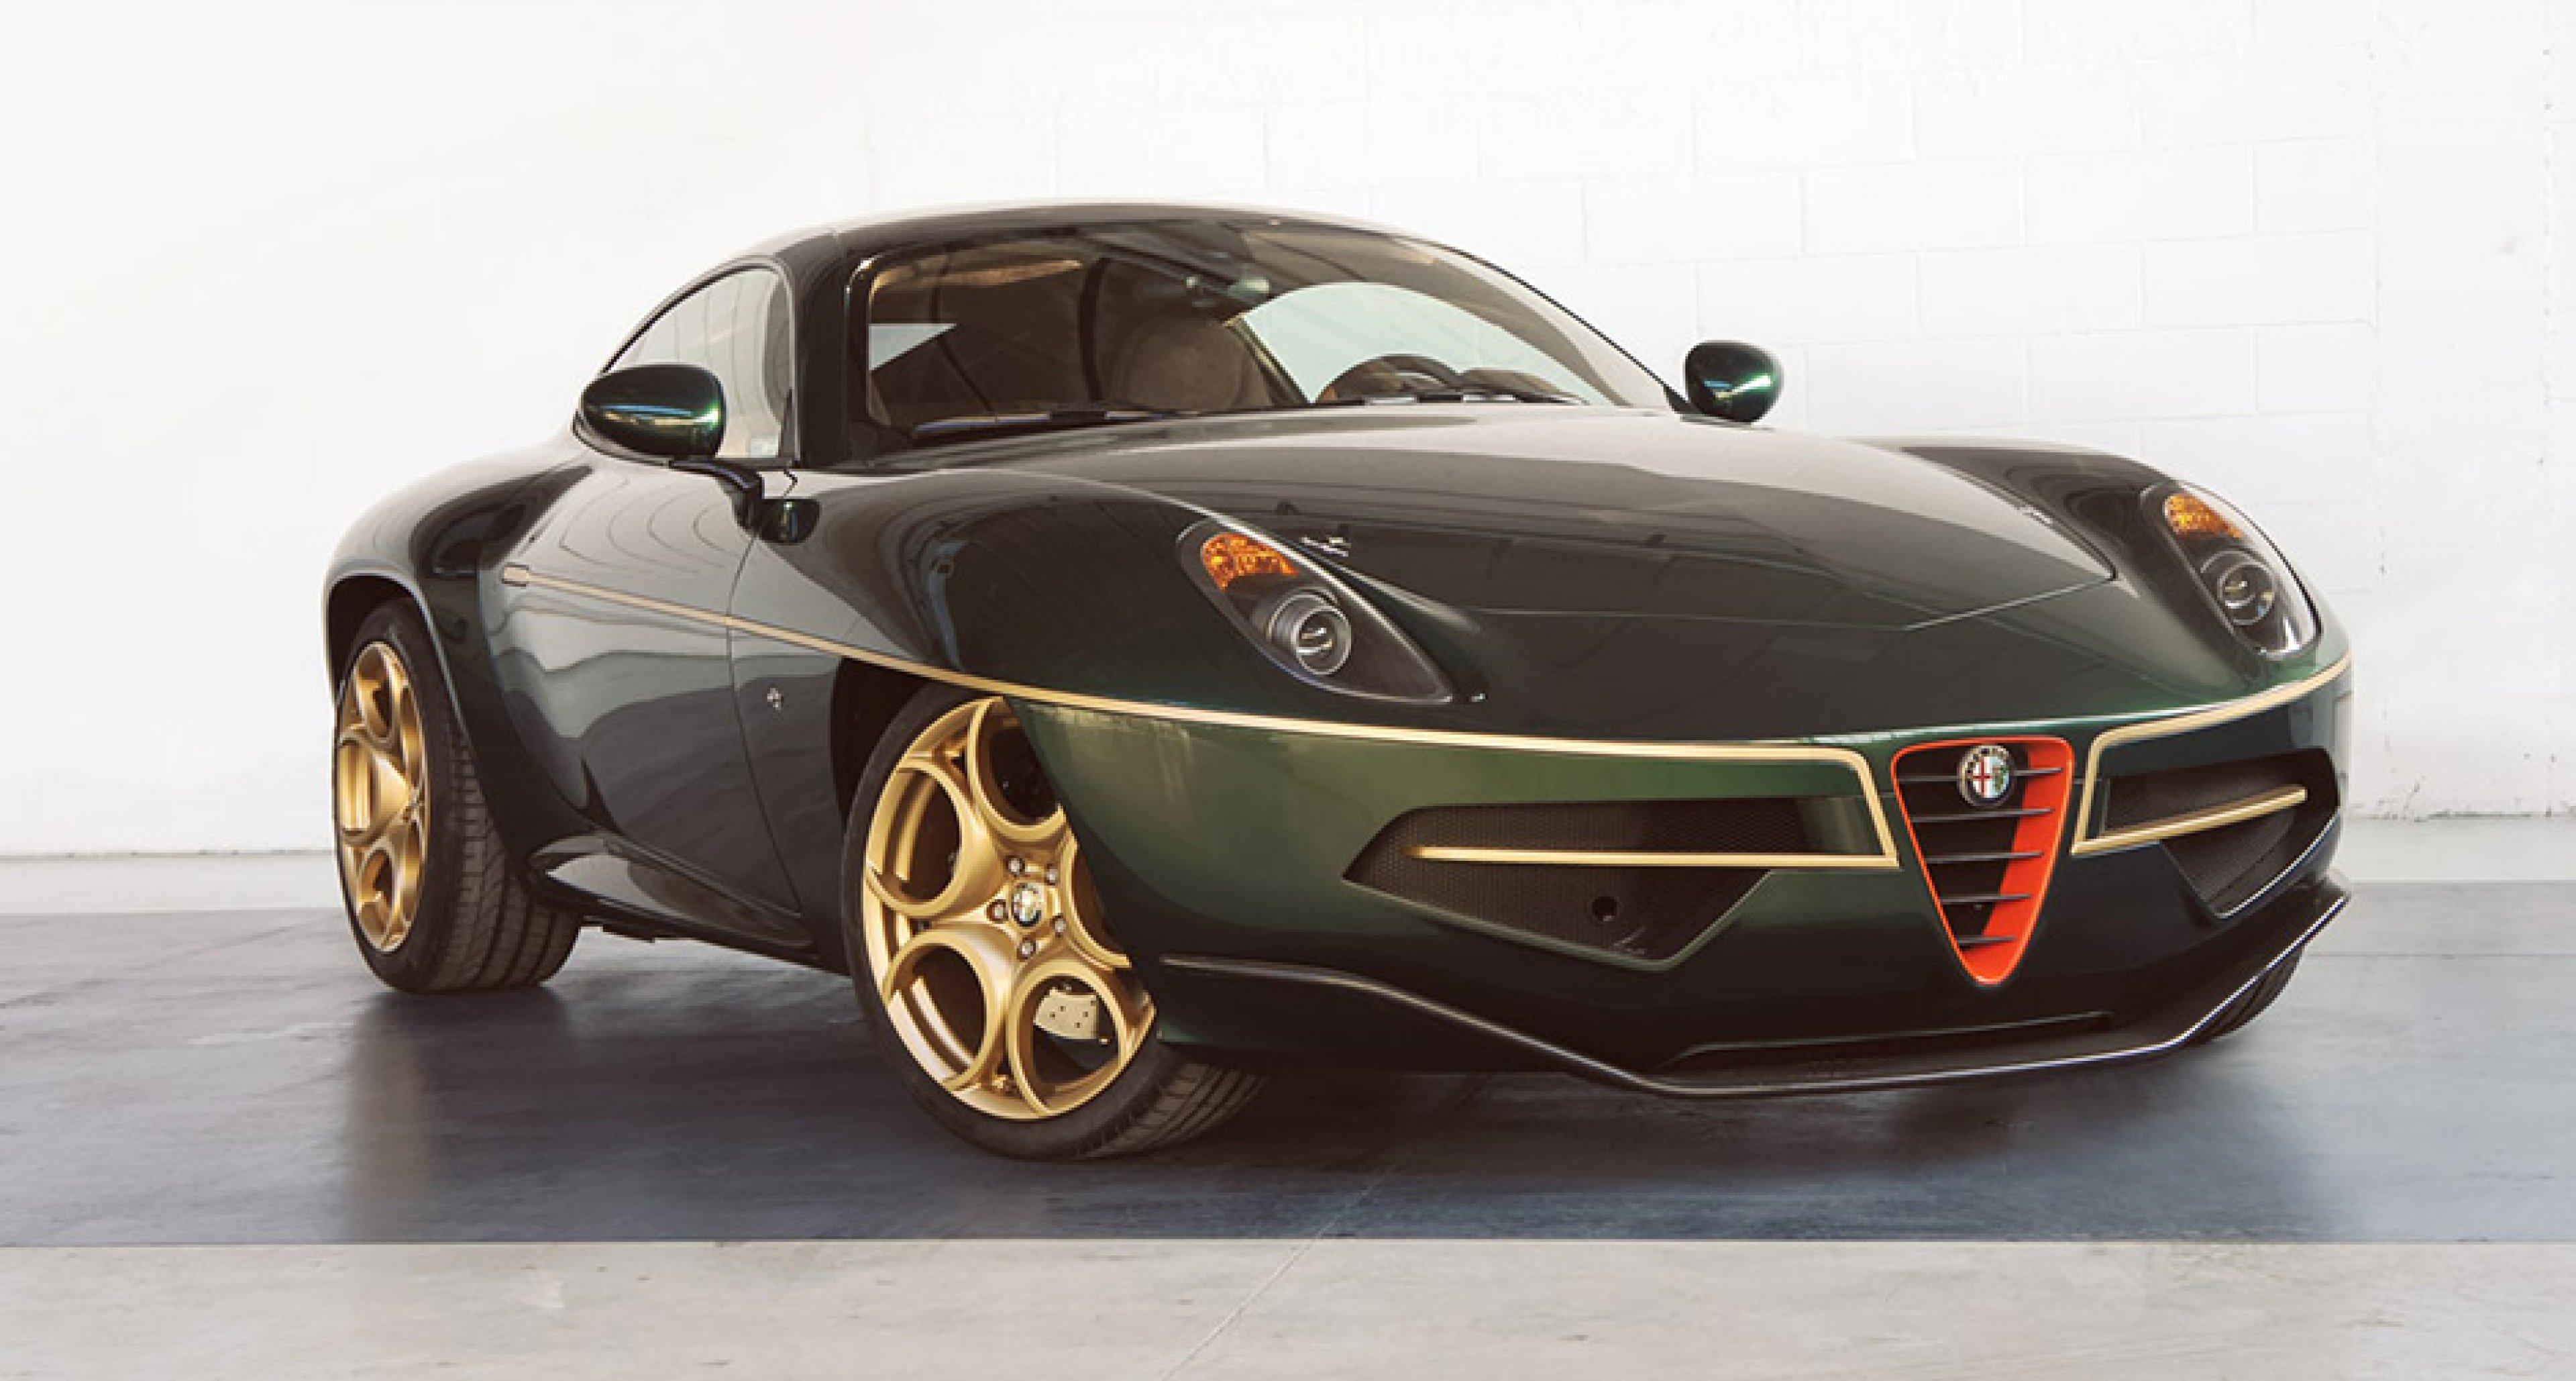 Alfa Romeo Disco Volante For Sale >> Touring Superleggera Disco Volante Glistens In Green And